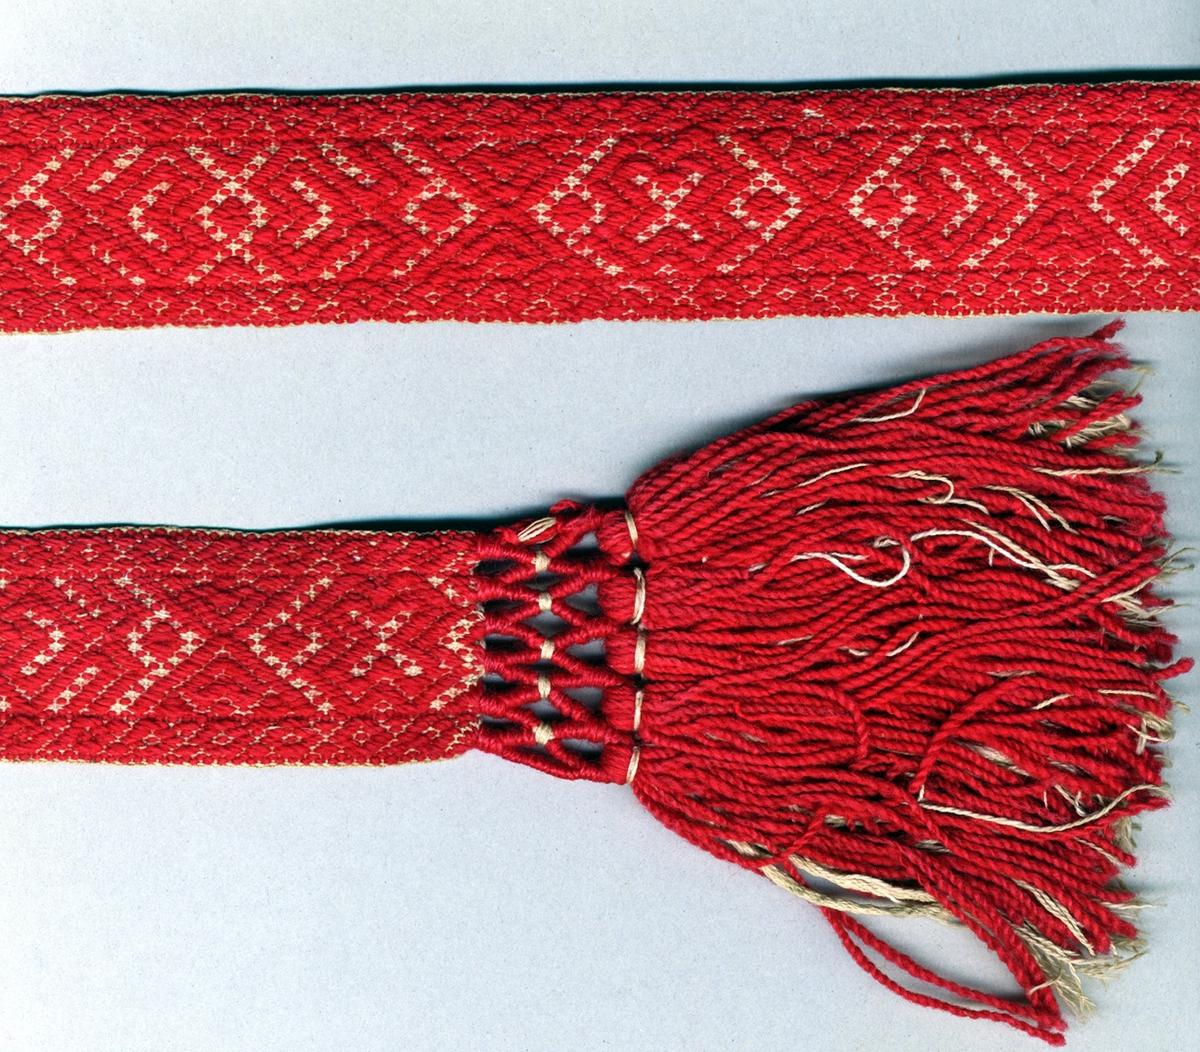 """Livband vävt i opphämta. Rött opphämtamönster på ljus botten. Avslutat i var ände med tofsar (120 mm långa); varptrådarna är omlindade med rött ullgarn och oblekt bomullsgarn vari frans av rött ullgarn samt oblekt bomullsgarn är iknuten. Varp, botten i halvblekt 2-trådigt s-tvinnat bomullsgarn. Varp, mönster i rött 2-trådigt z-tvinnat ullgarn. Två bottenvarptrådar mellan varje mönstervarptråd. Inslag i oblekt 2-trådigt s-tvinnat bomullsgarn. Märkt med påsydd tyglapp med texten: """"Malmöhus Läns Hemslöjdsförening"""". Dessutom märkt med SHR-märke med texten: """"Nr 7 Herrestad"""". Längd inklusive tofsar."""